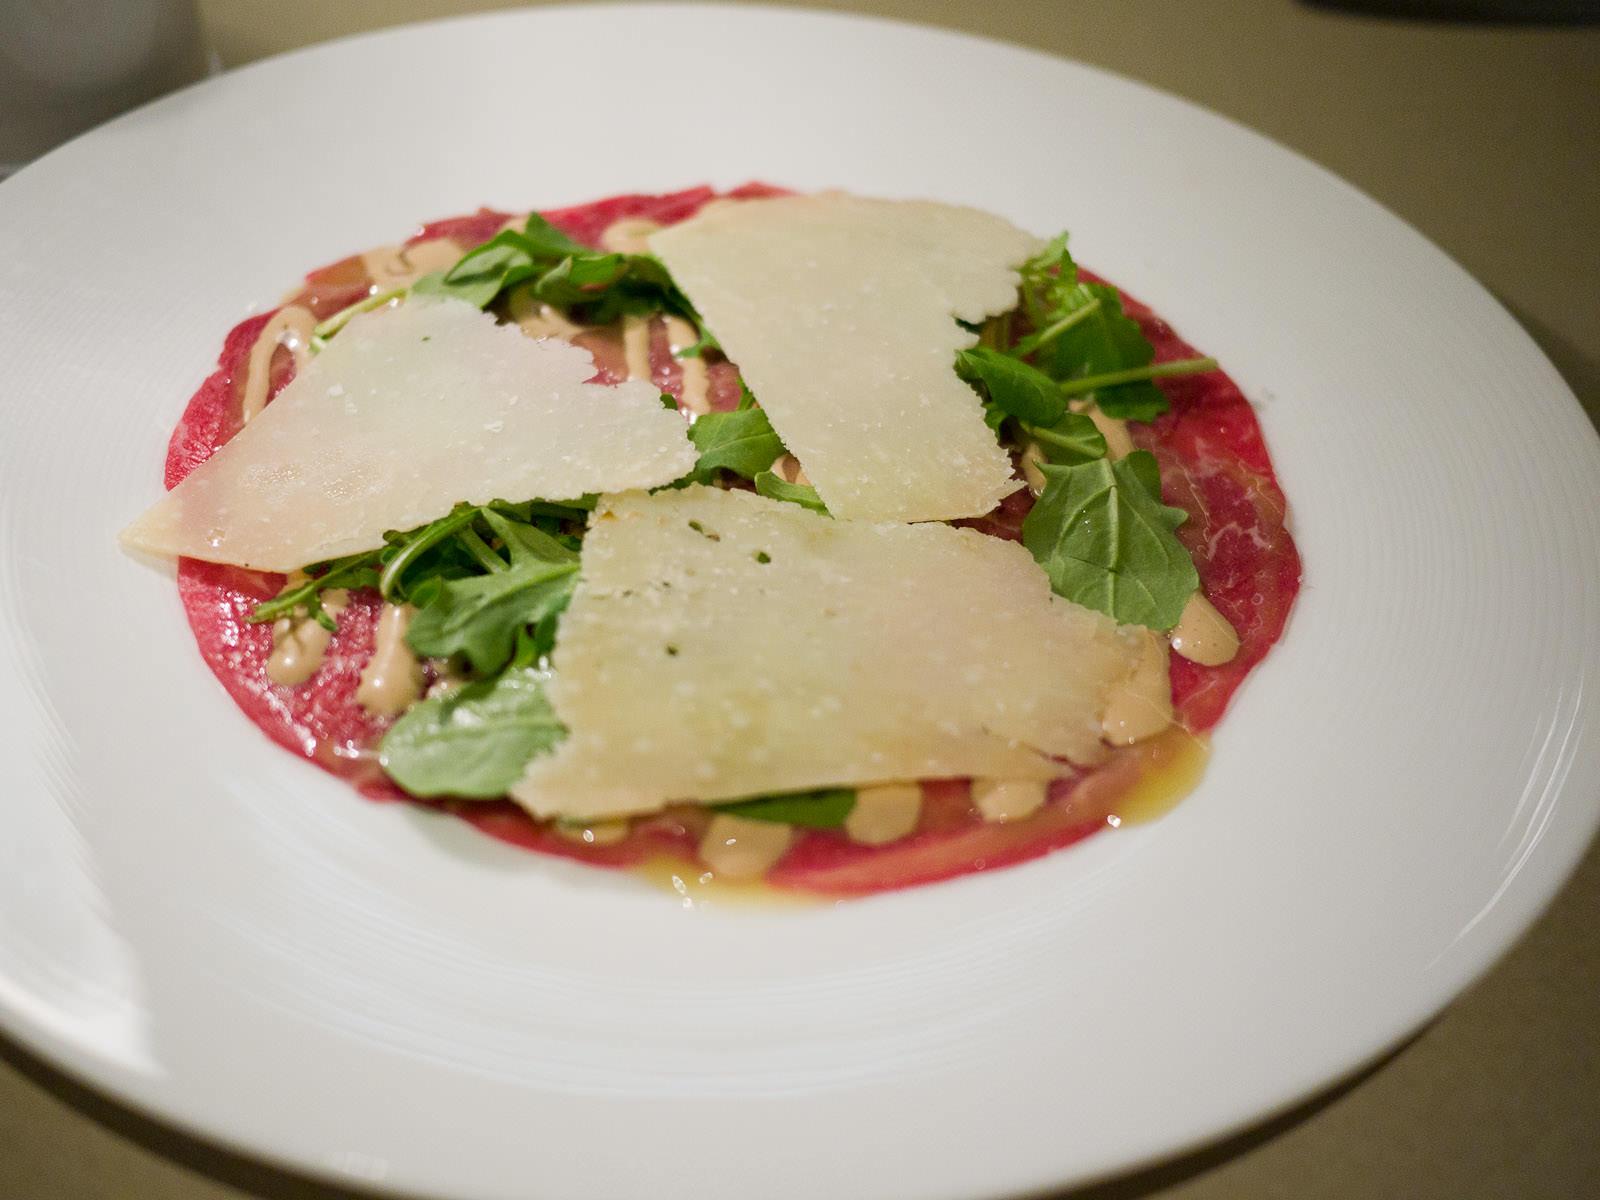 Beef carpaccio, Cipriani sauce, rocket salad, parmesan, AU$23